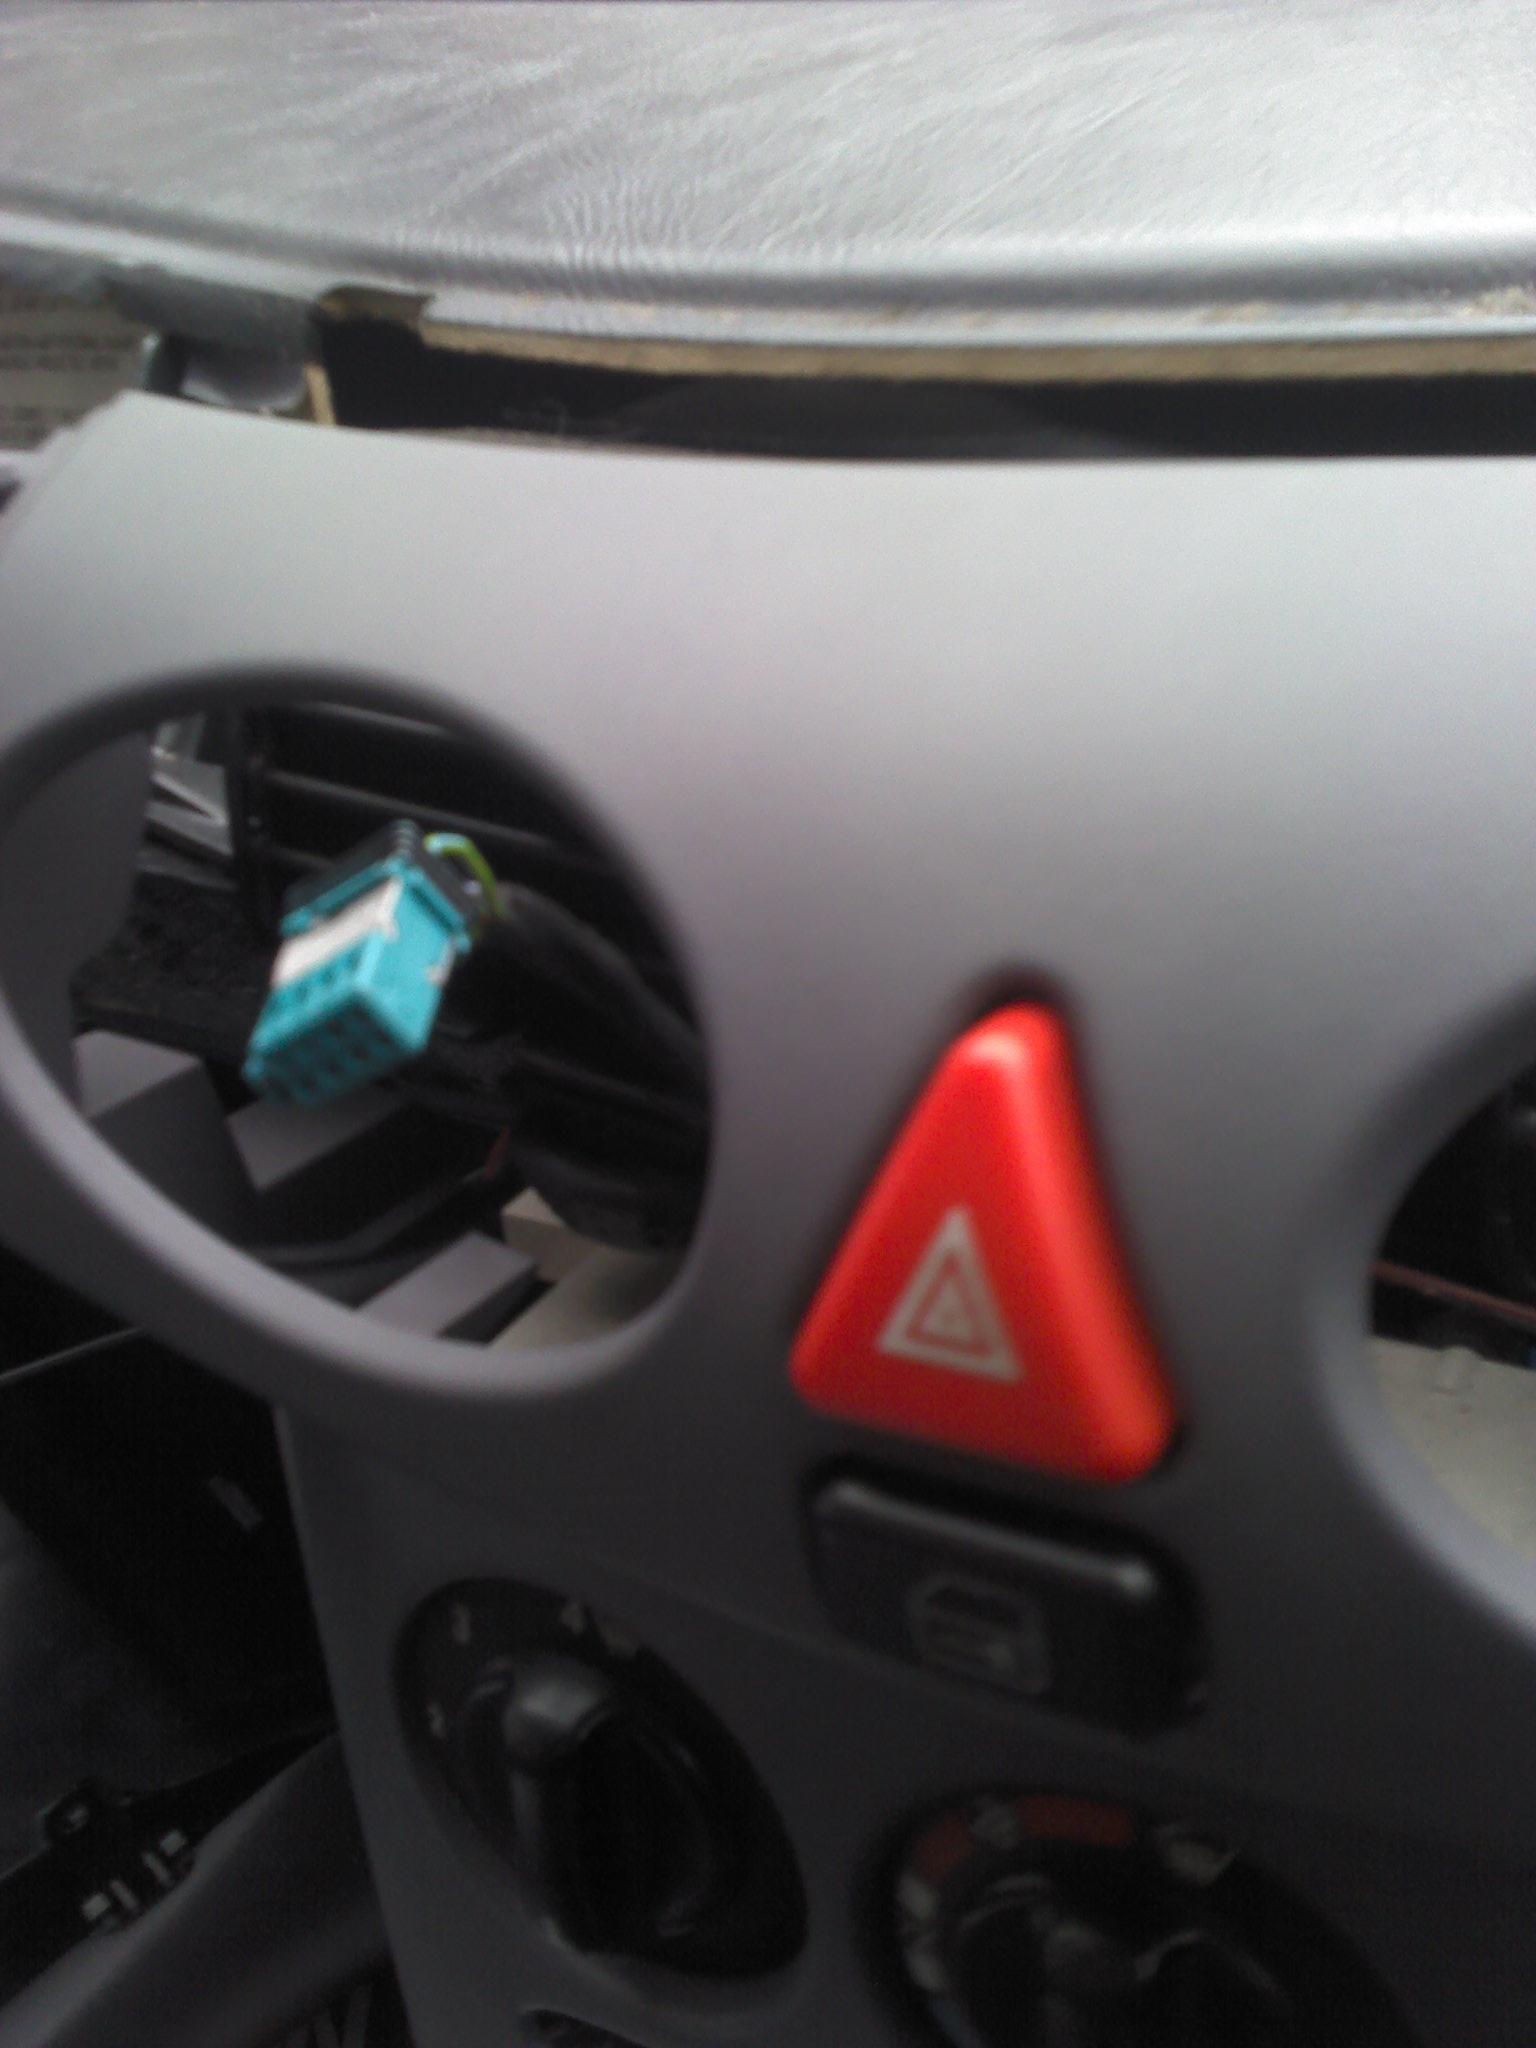 Mercedes W168 A170 Cdi Central Locking Repair